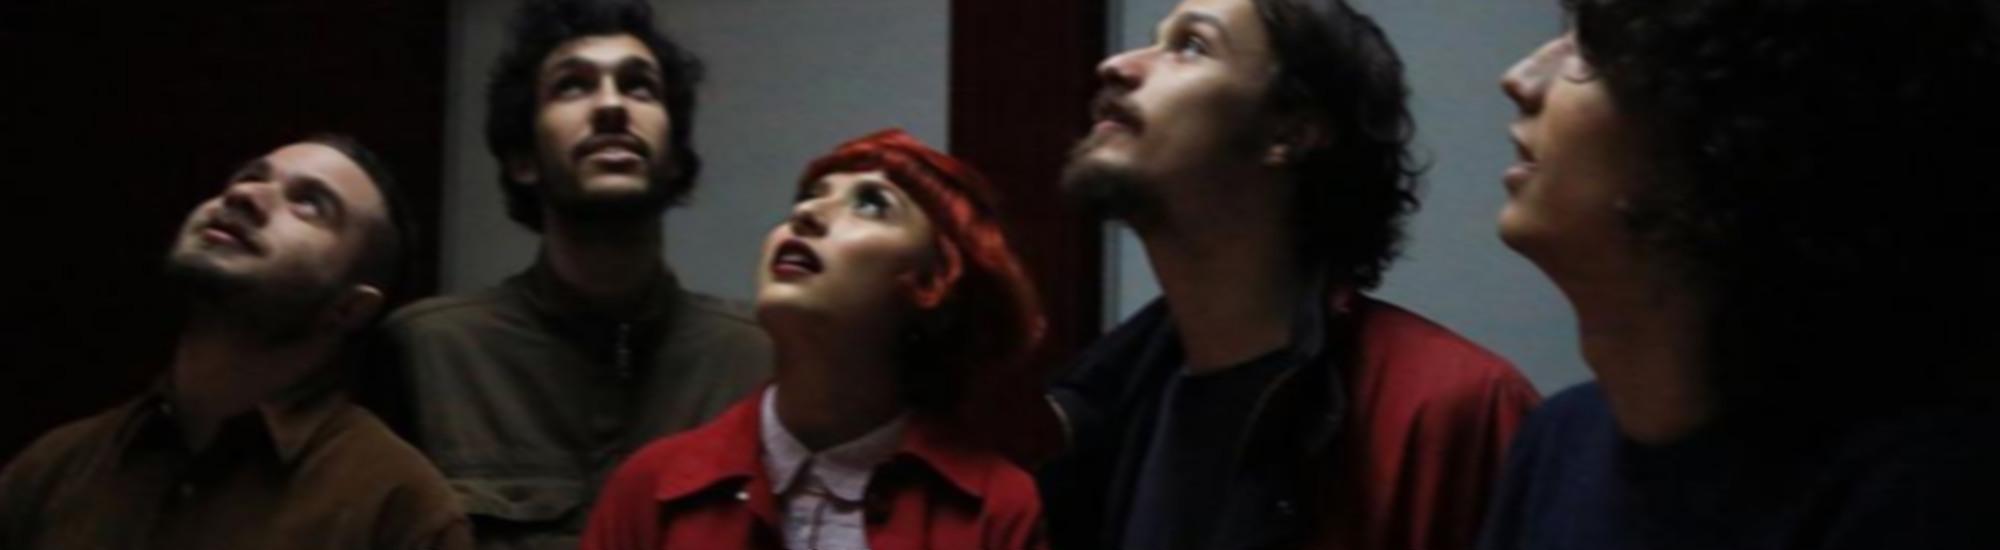 Banda Carcaju lança 1º álbum em show; ingressos à venda